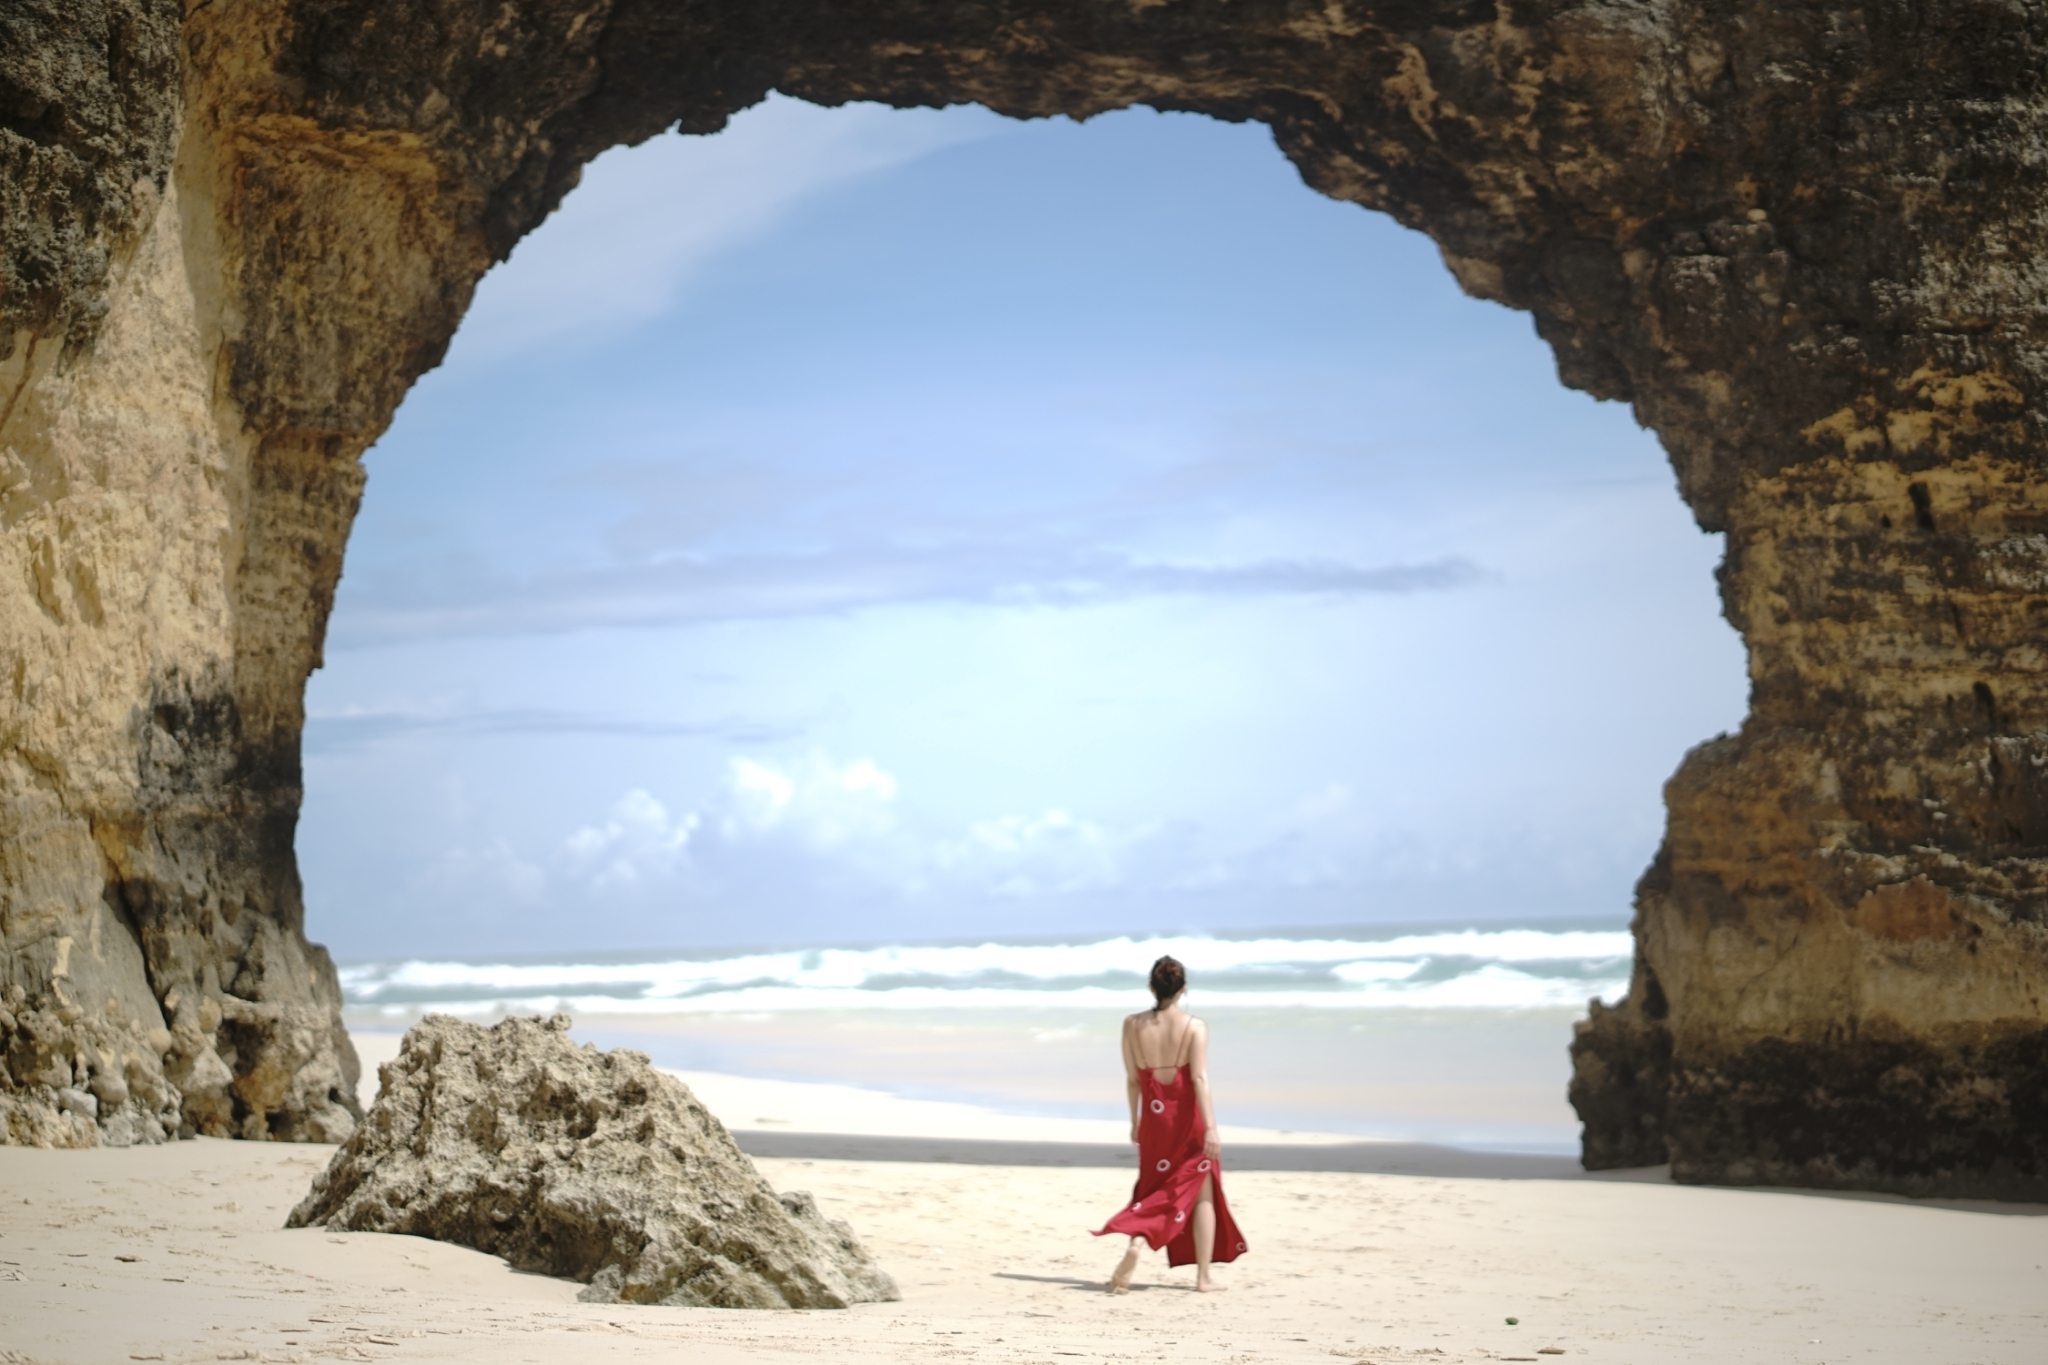 Bwanna Beach